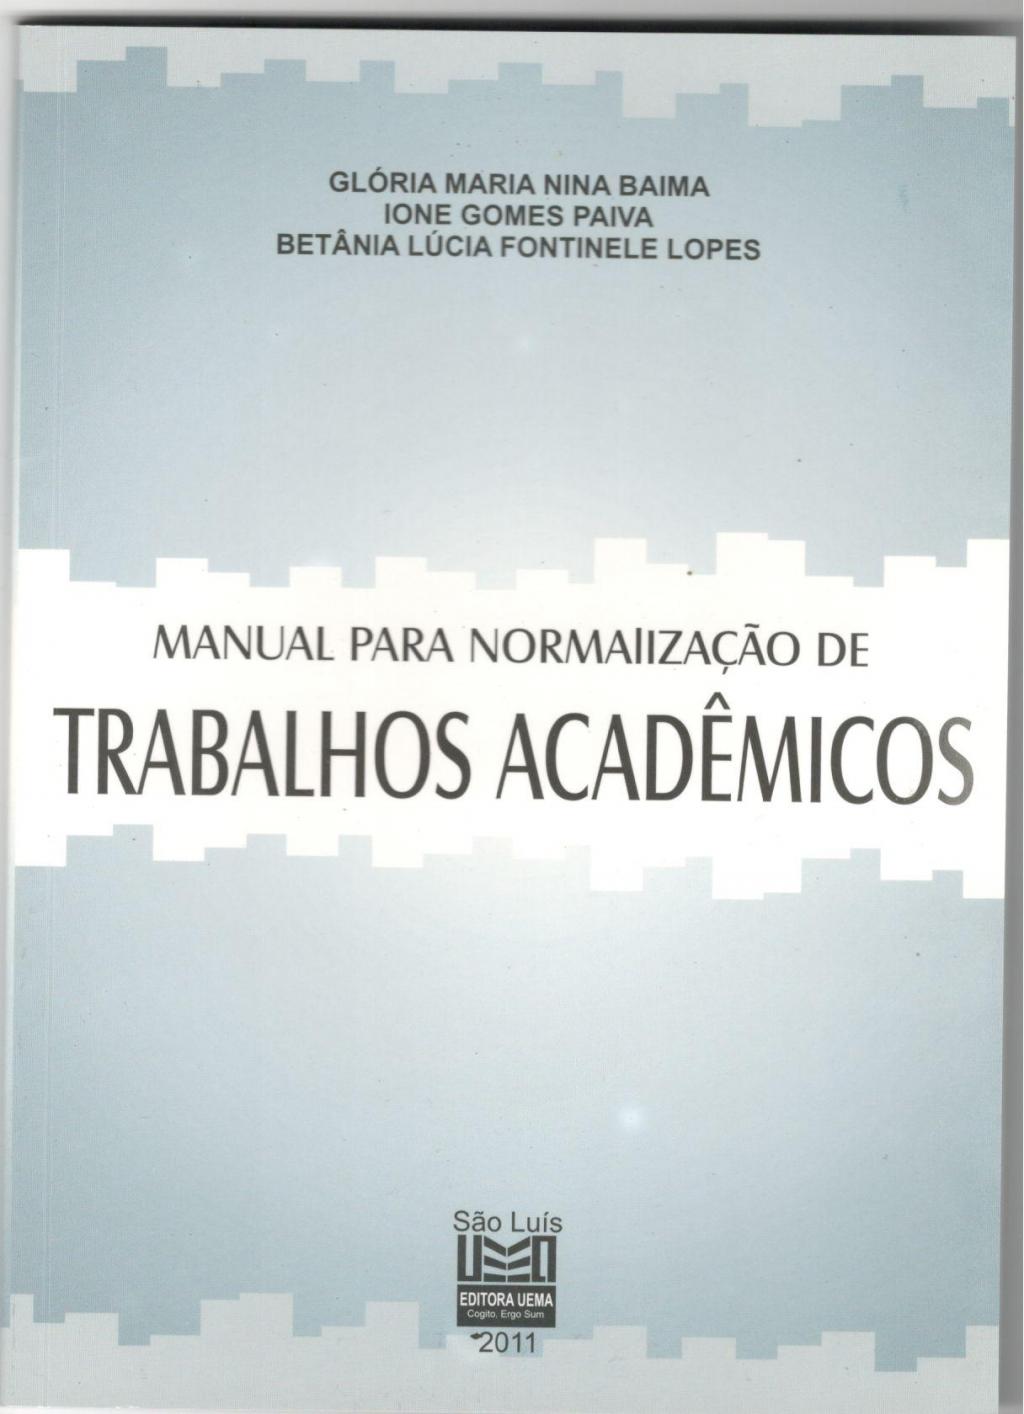 Manual para normalização de trabalhos acadêmicos (Esgotado)